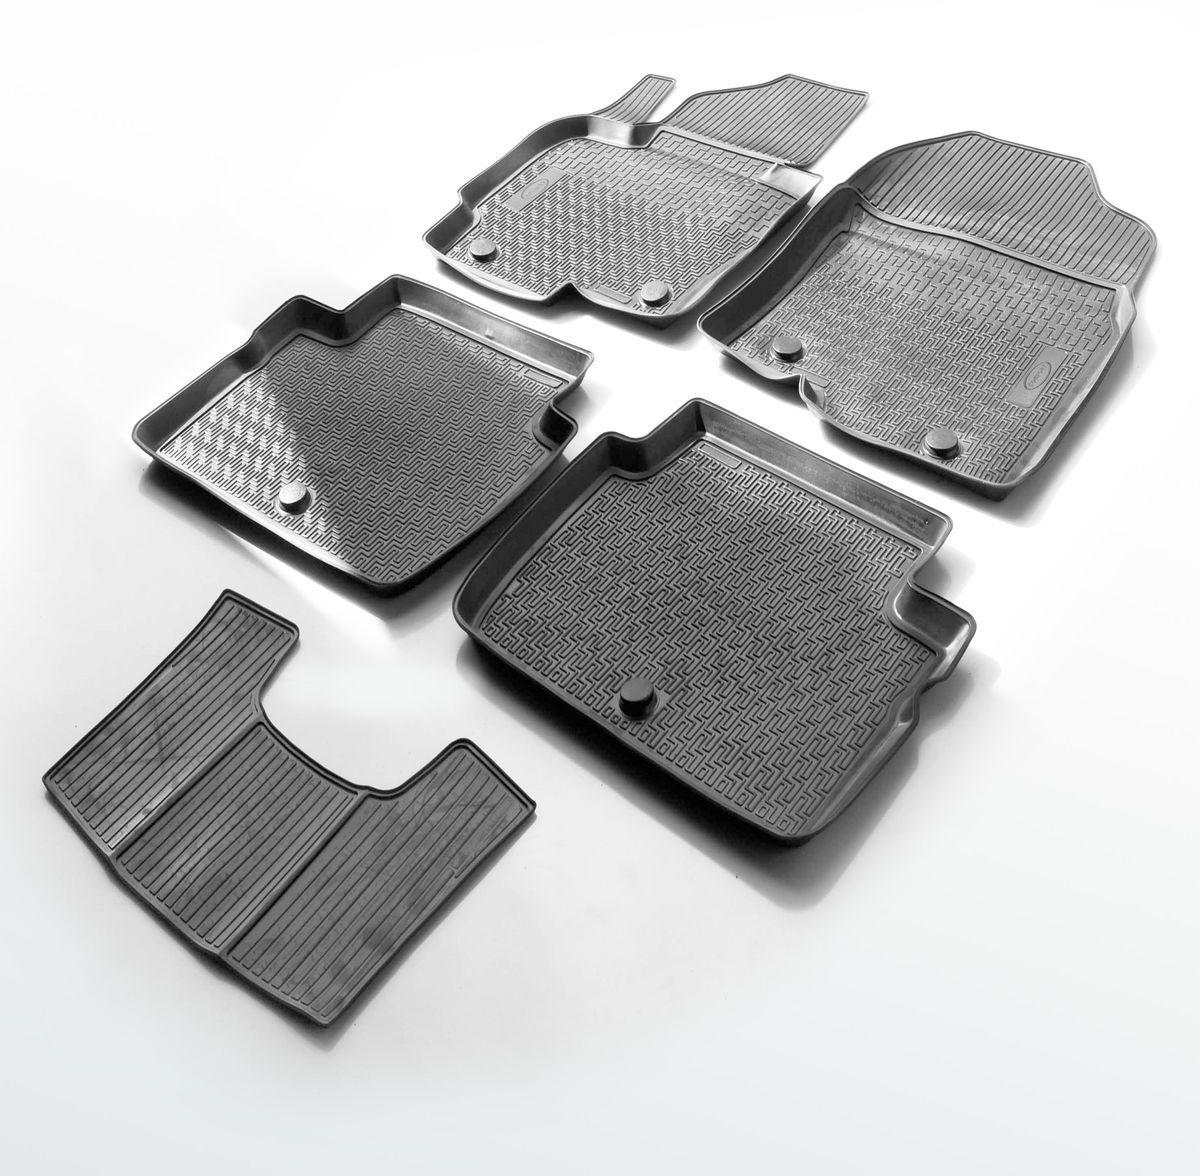 Коврики салона Rival для Datsun on-DO 2014-/mi-DO 2014-, c перемычкой, полиуретан18701001Прочные и долговечные коврики Rival в салон автомобиля, изготовлены из высококачественного и экологичного сырья. Коврики полностью повторяют геометрию салона вашего автомобиля.- Надежная система крепления, позволяющая закрепить коврик на штатные элементы фиксации, в результате чего отсутствует эффект скольжения по салону автомобиля.- Высокая стойкость поверхности к стиранию.- Специализированный рисунок и высокий борт, препятствующие распространению грязи и жидкости по поверхности коврика.- Перемычка задних ковриков в комплекте предотвращает загрязнение тоннеля карданного вала.- Коврики произведены из первичных материалов, в результате чего отсутствует неприятный запах в салоне автомобиля.- Высокая эластичность, можно беспрепятственно эксплуатировать при температуре от -45°C до +45°C. Уважаемые клиенты! Обращаем ваше внимание, что коврики имеют форму, соответствующую модели данного автомобиля. Фото служит для визуального восприятия товара.